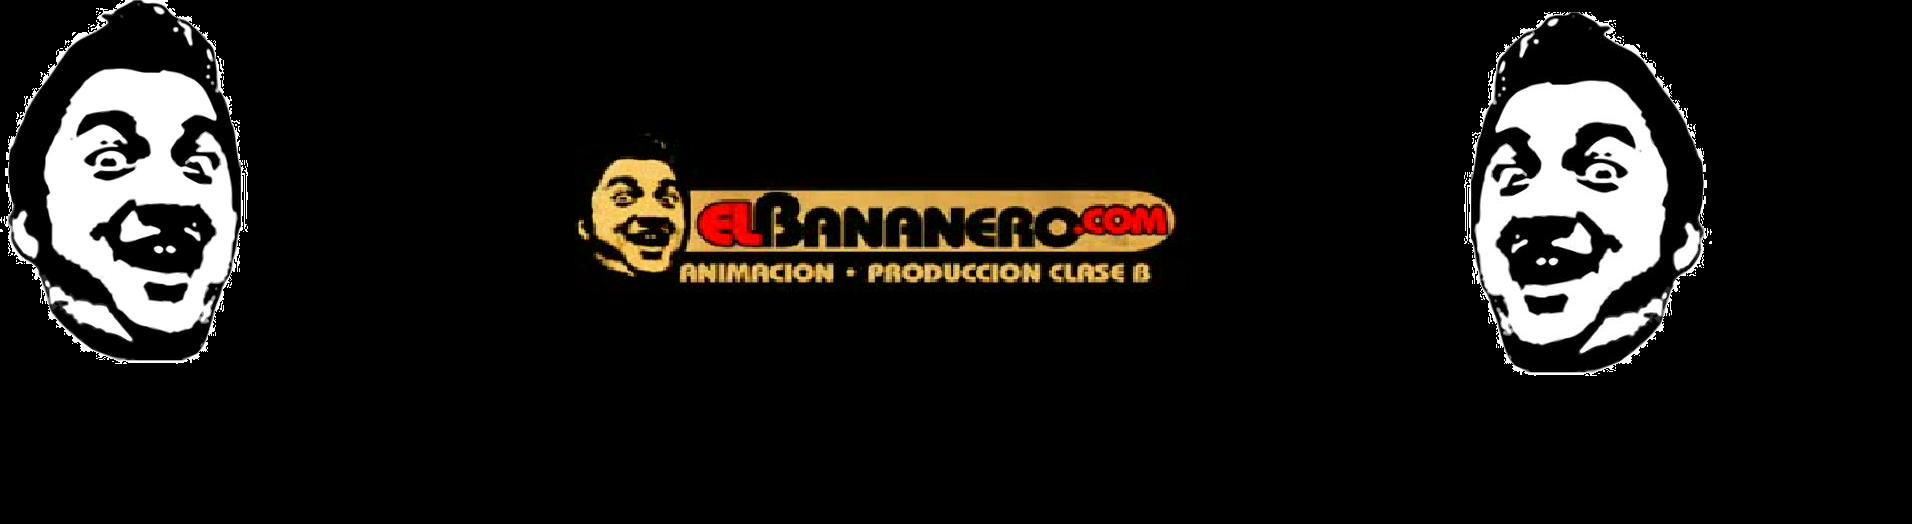 [Grupo] fans del bananero